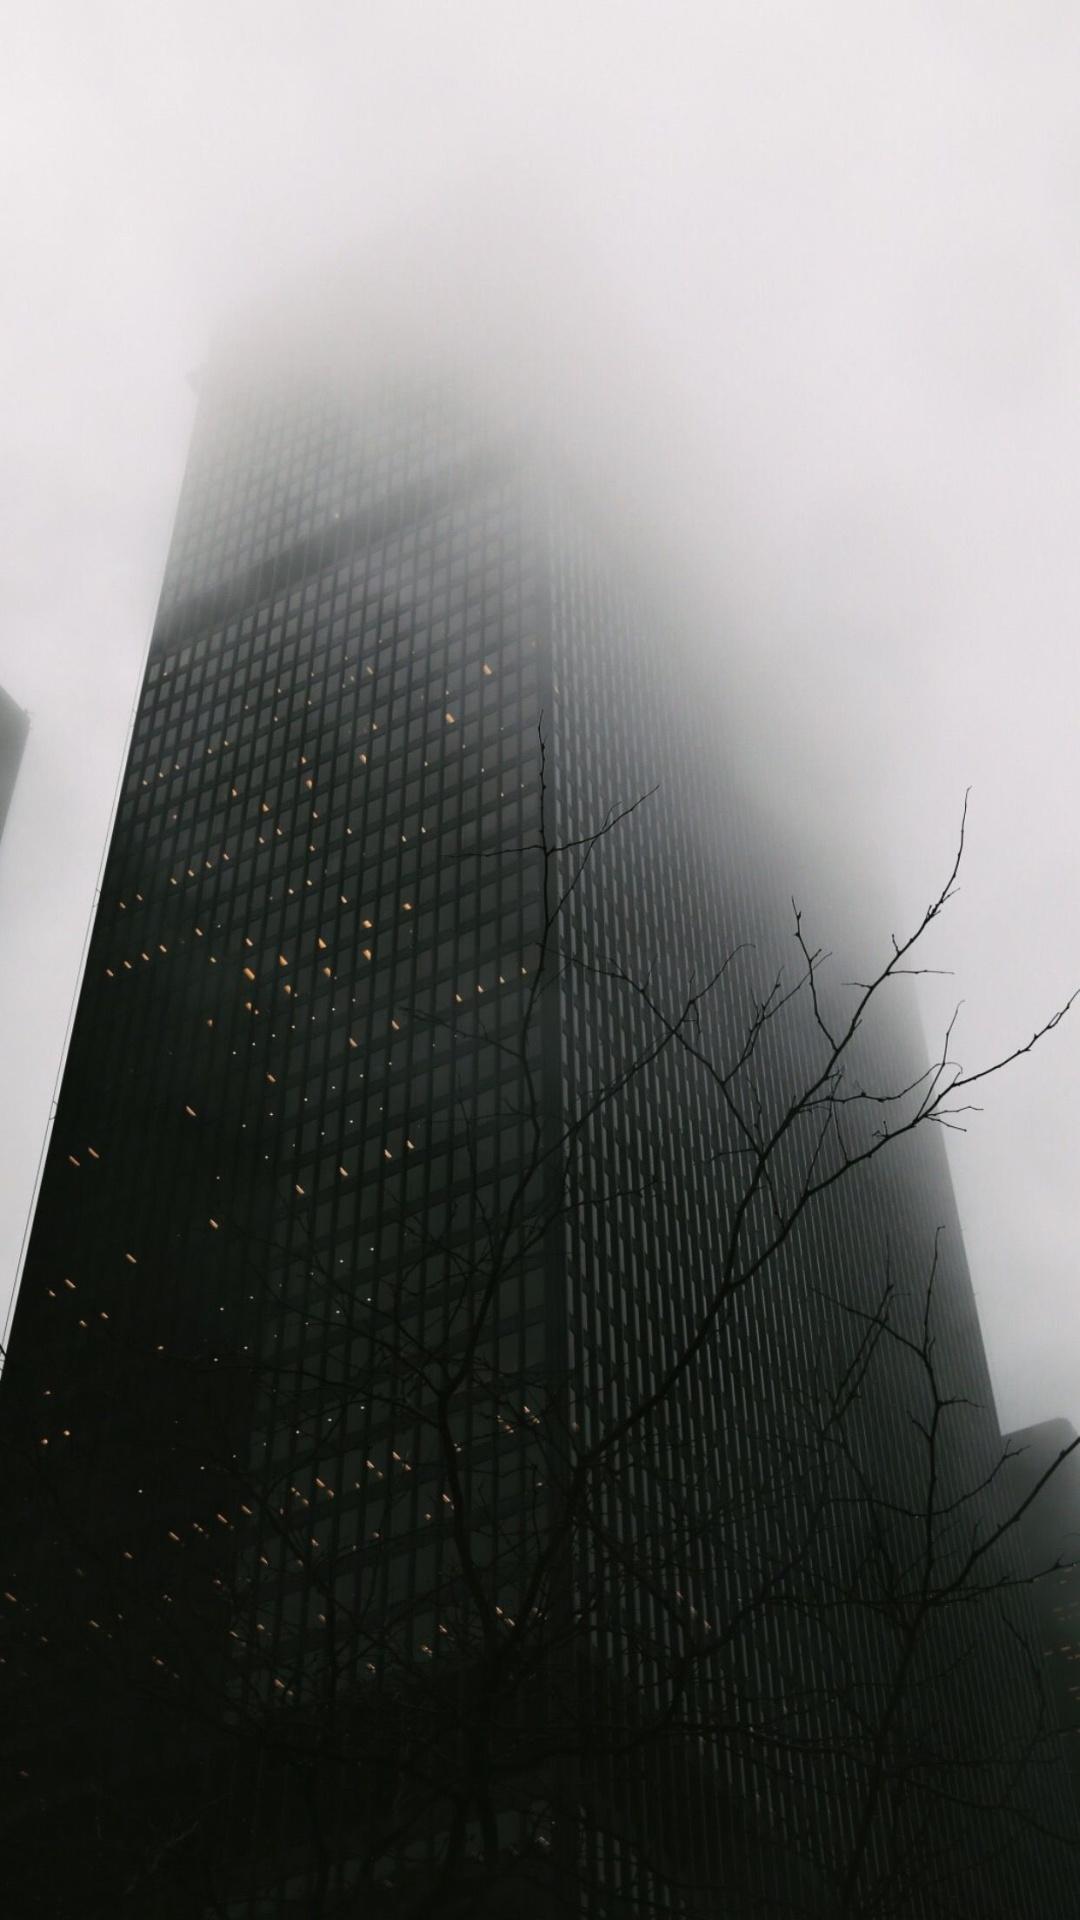 Skyscraper Covered In Fog iPhone 6 Plus HD Wallpaper